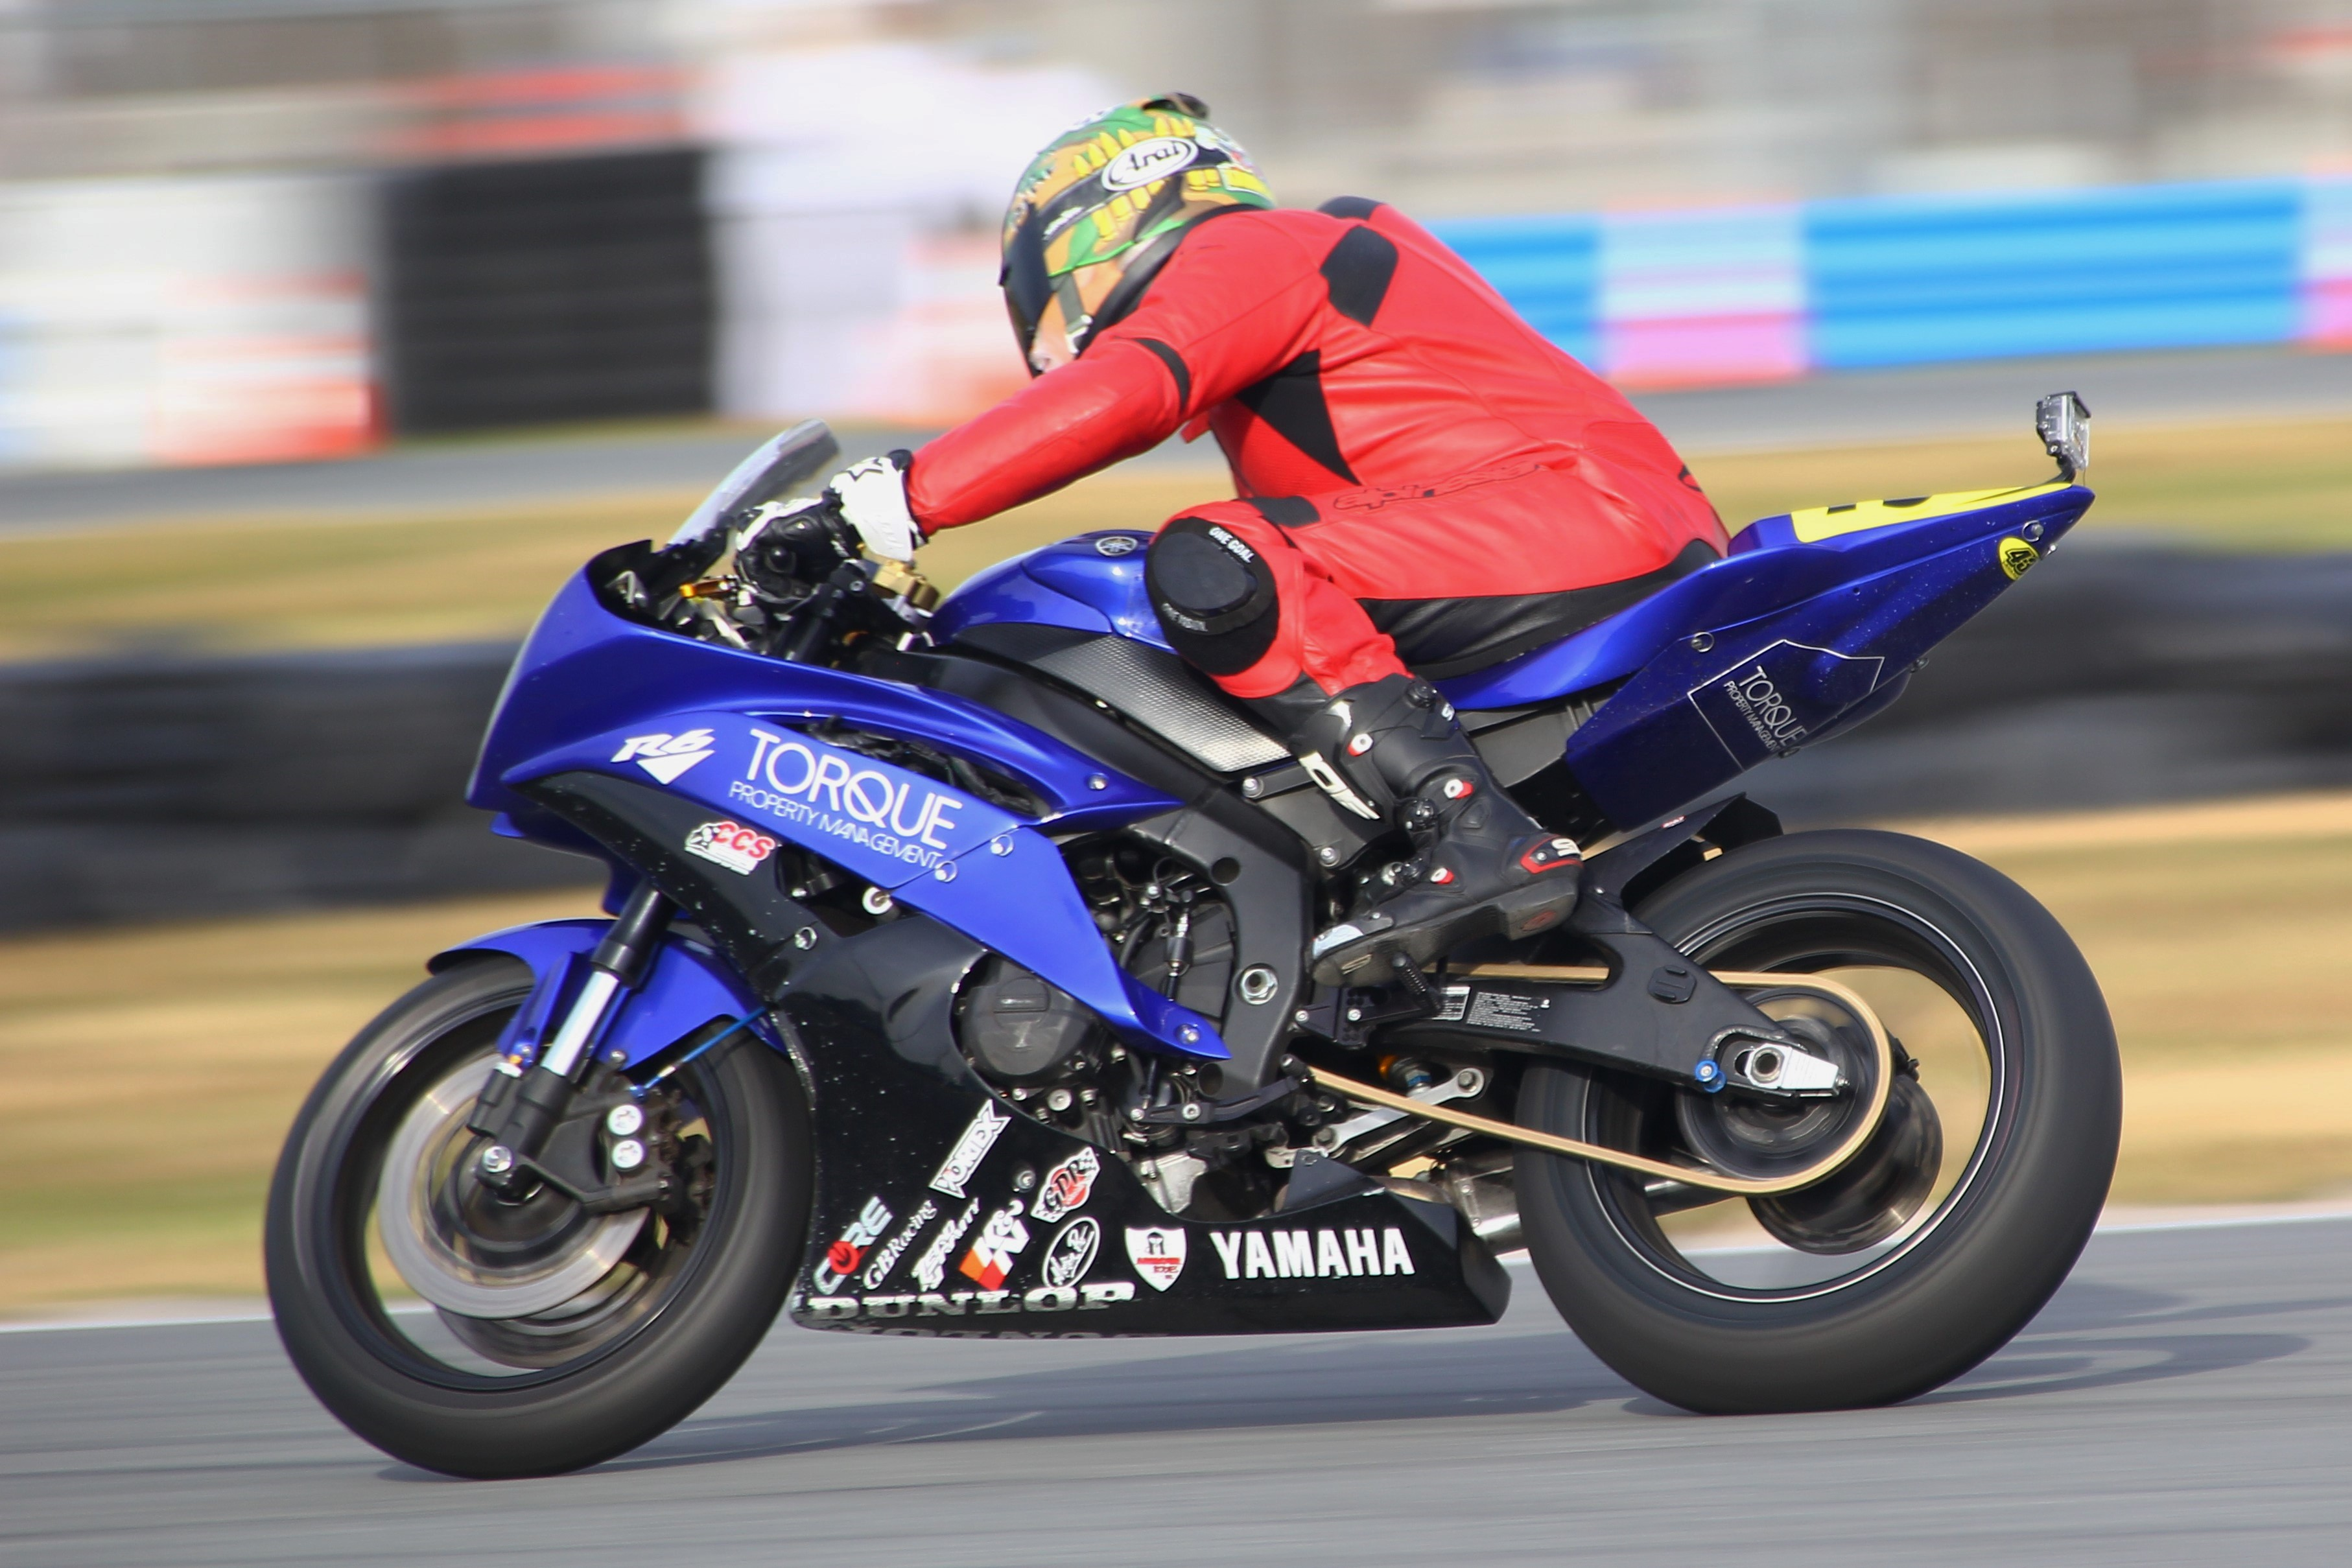 Daytona 200 Action Shots – RacingJunk News